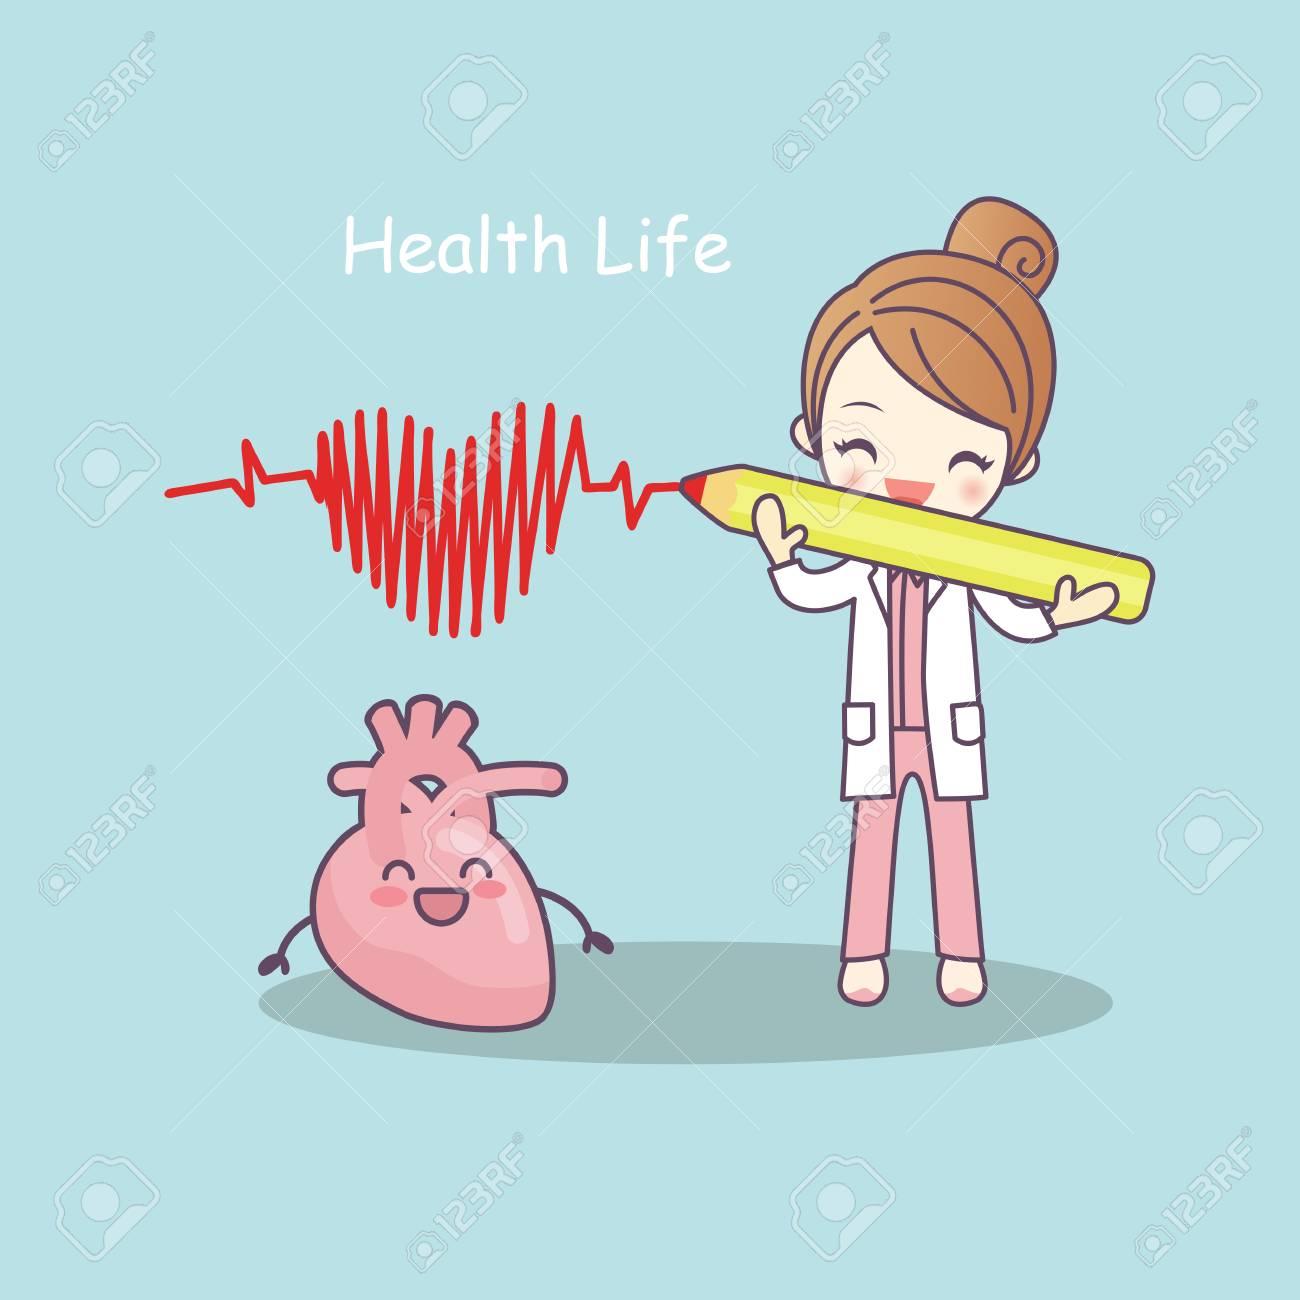 Corazón De Dibujos Animados Lindo Con Médico Vida De La Salud Ideal Para El Concepto De Atención Médica